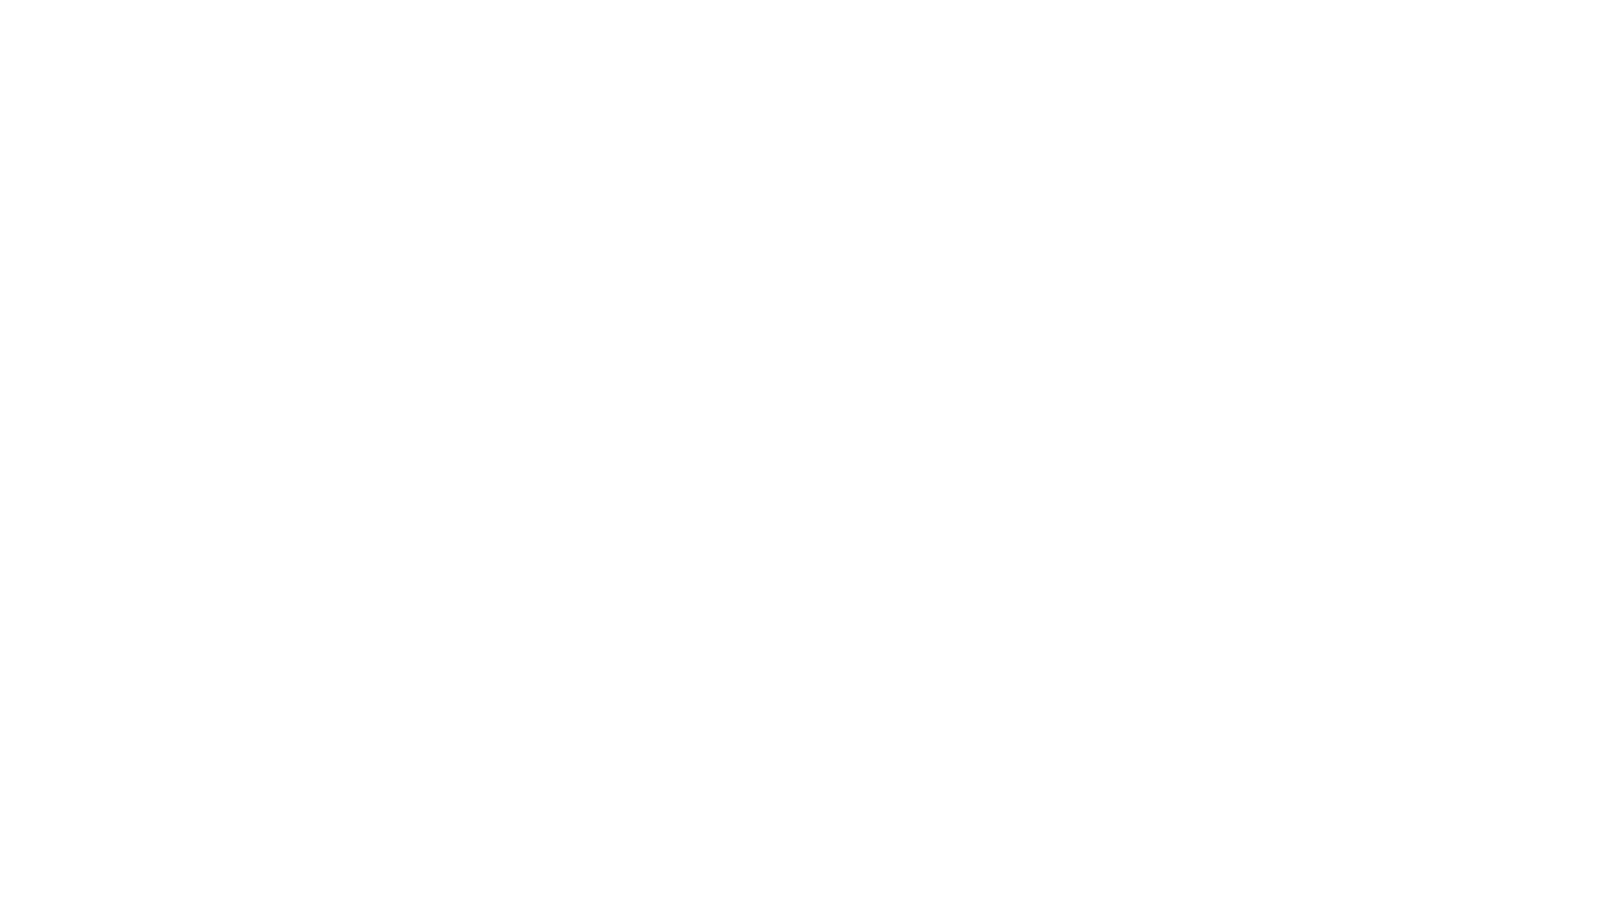 """Gli appuntamenti delle audionews di Ondawebtv #lenotizieinpositivo *Teatro Garibaldi. Lunedì in scena Le Signorine con Isa Danieli e Giuliana De Sio.  *Duel Village. Mercoledì la proiezione di """"Caina""""  *Anteprima Carnevale a Caserta. Domani in piazza Vanvitelli *Il Salotto a Teatro incontra Alessandro Preziosi"""